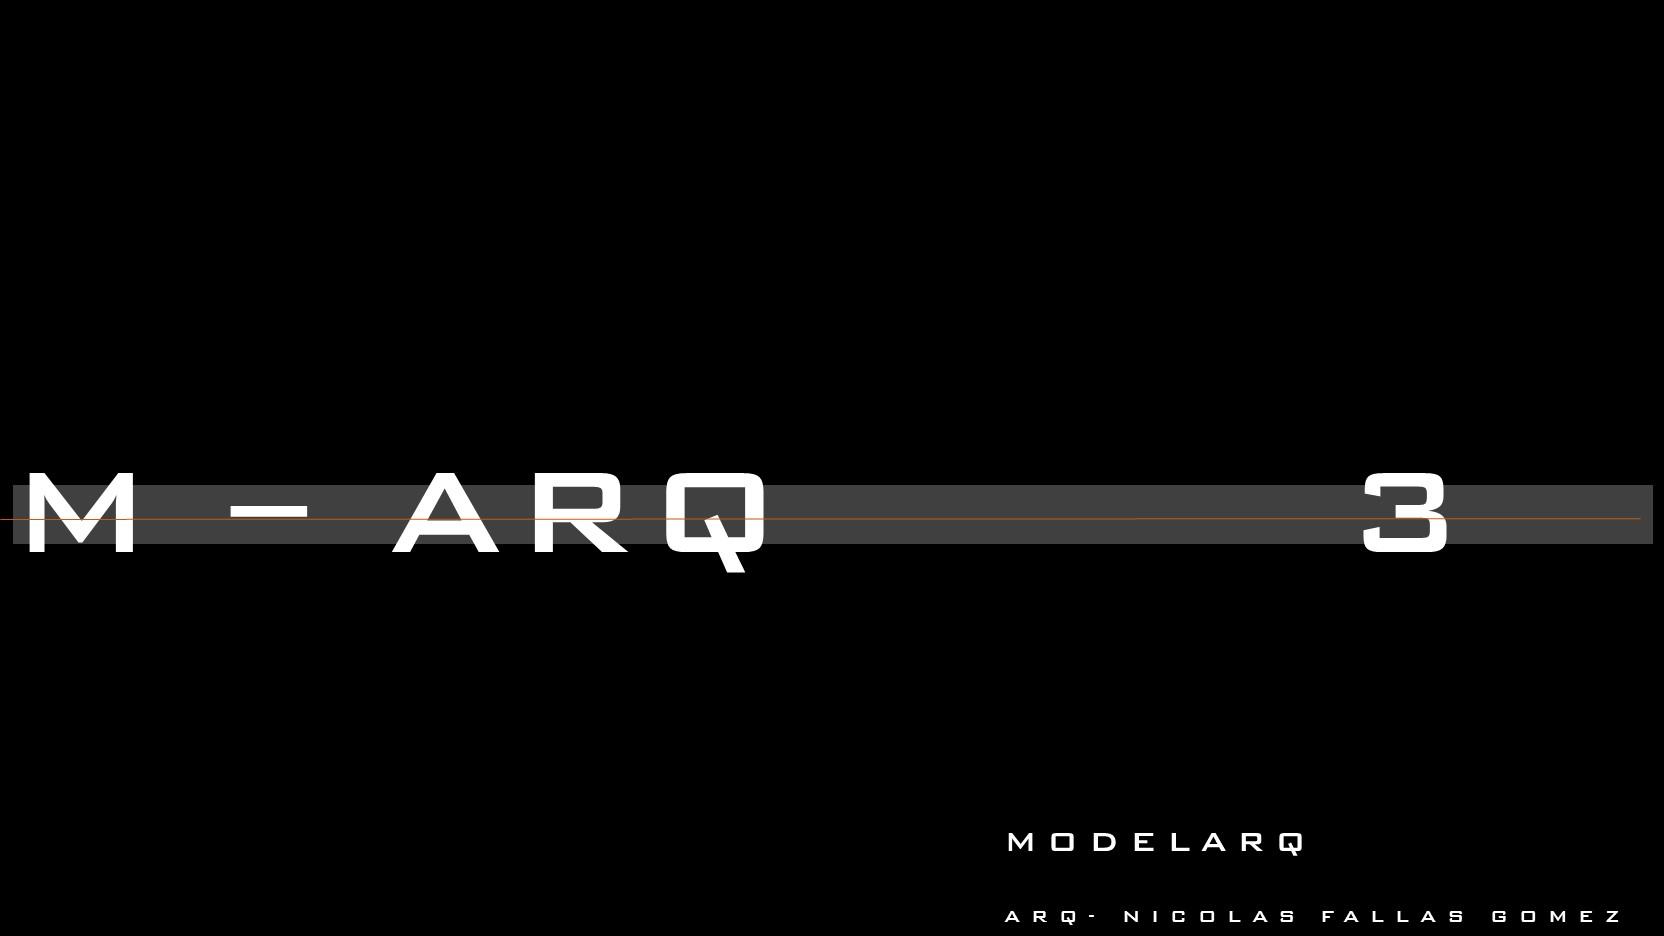 M-ARQ 3 (1)